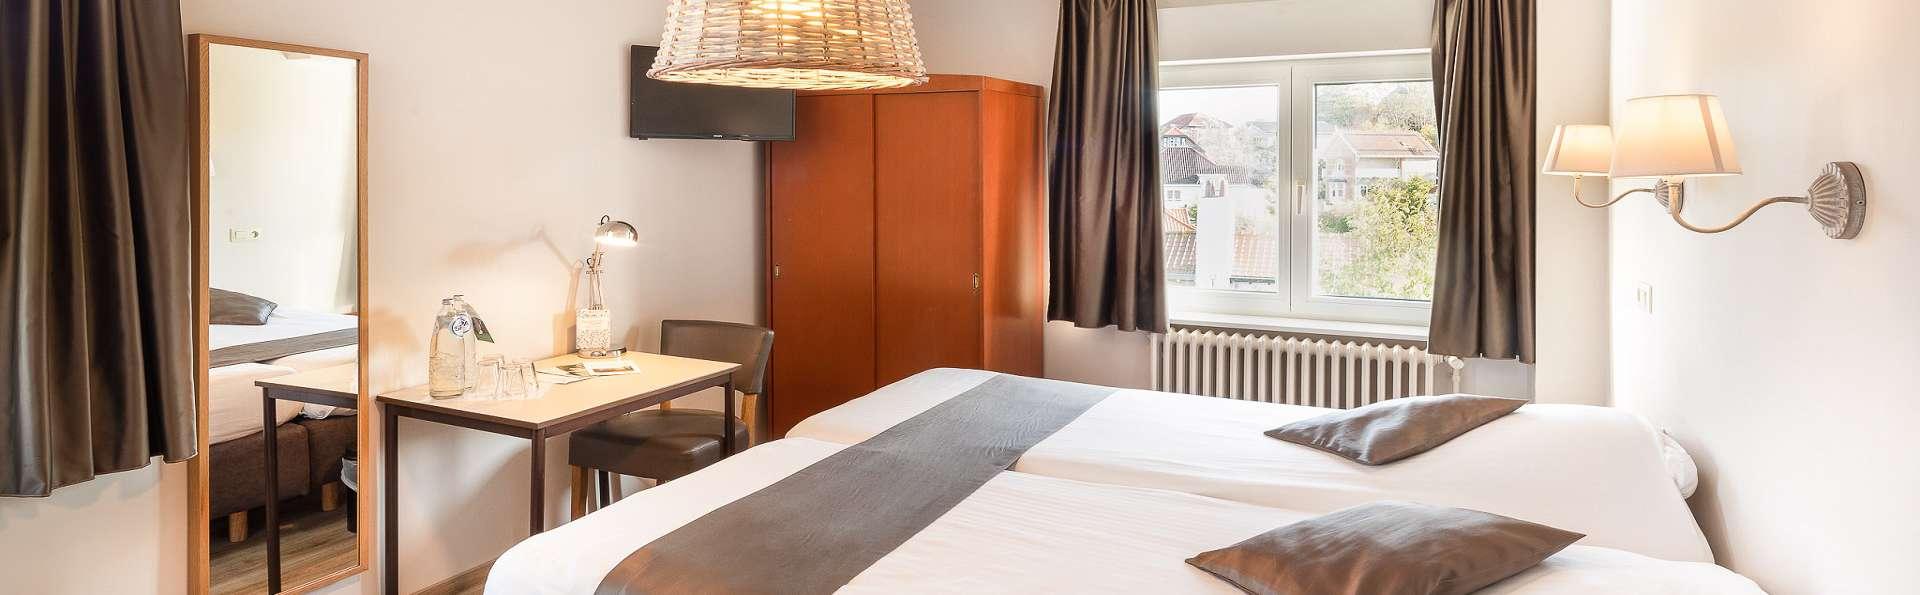 Parkhotel ( de Panne ) - Jurgen_de_Witte_20191107_152653web.jpg